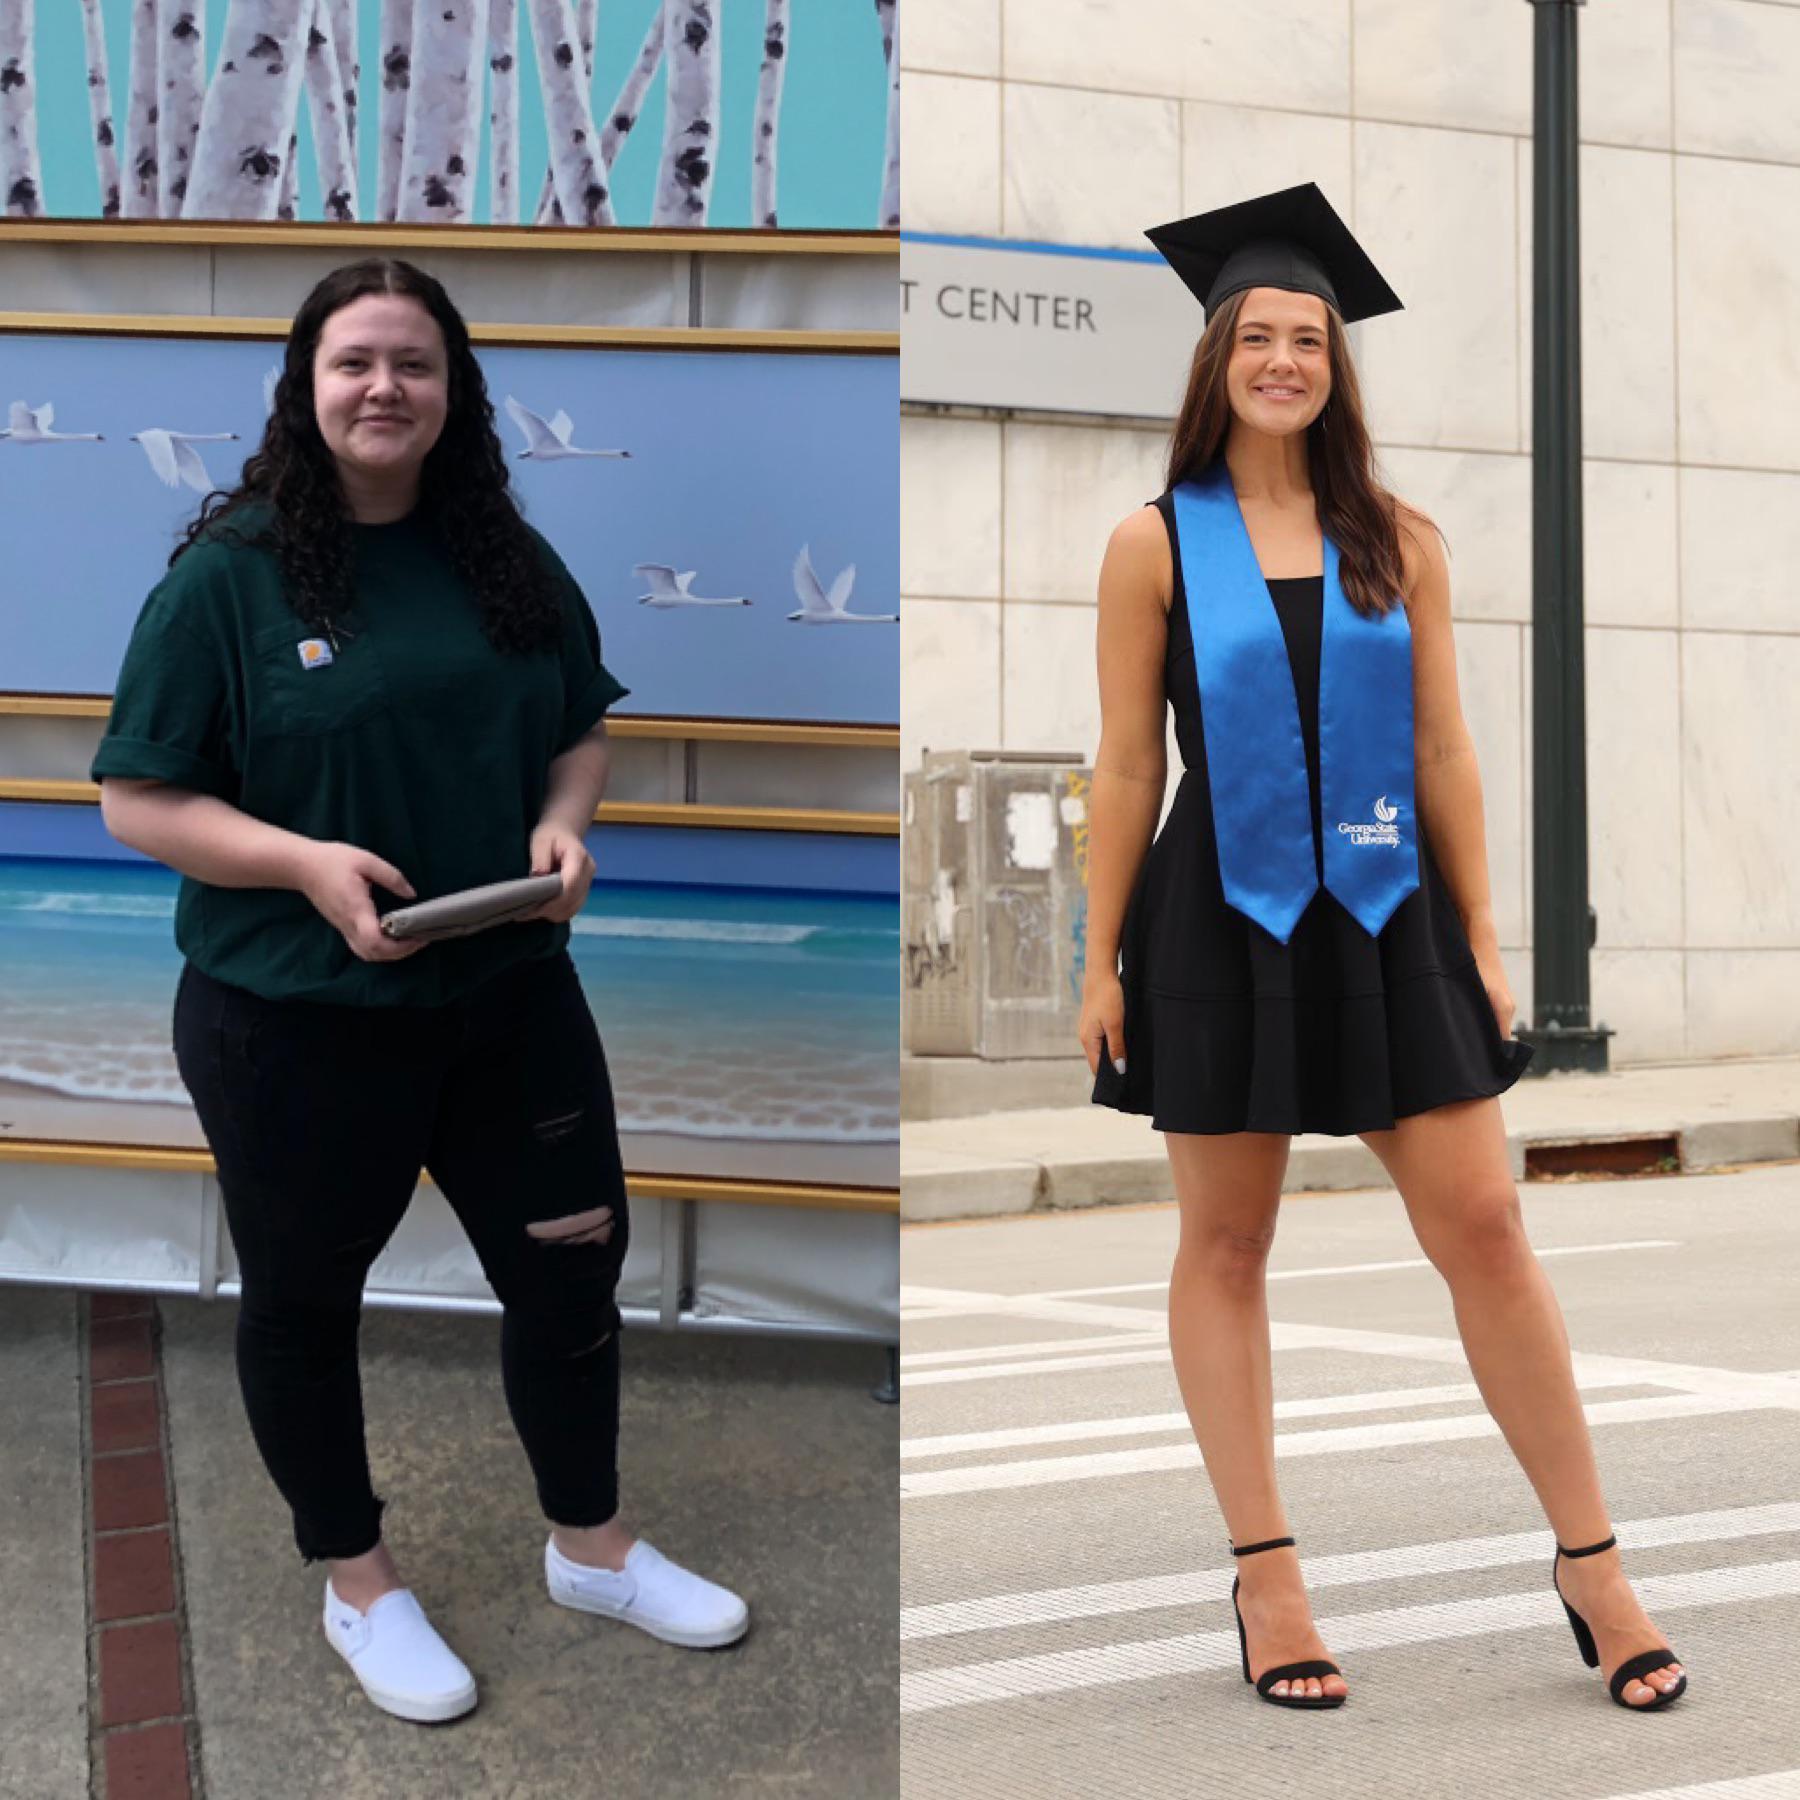 Progress Pics of 65 lbs Fat Loss 5'6 Female 220 lbs to 155 lbs